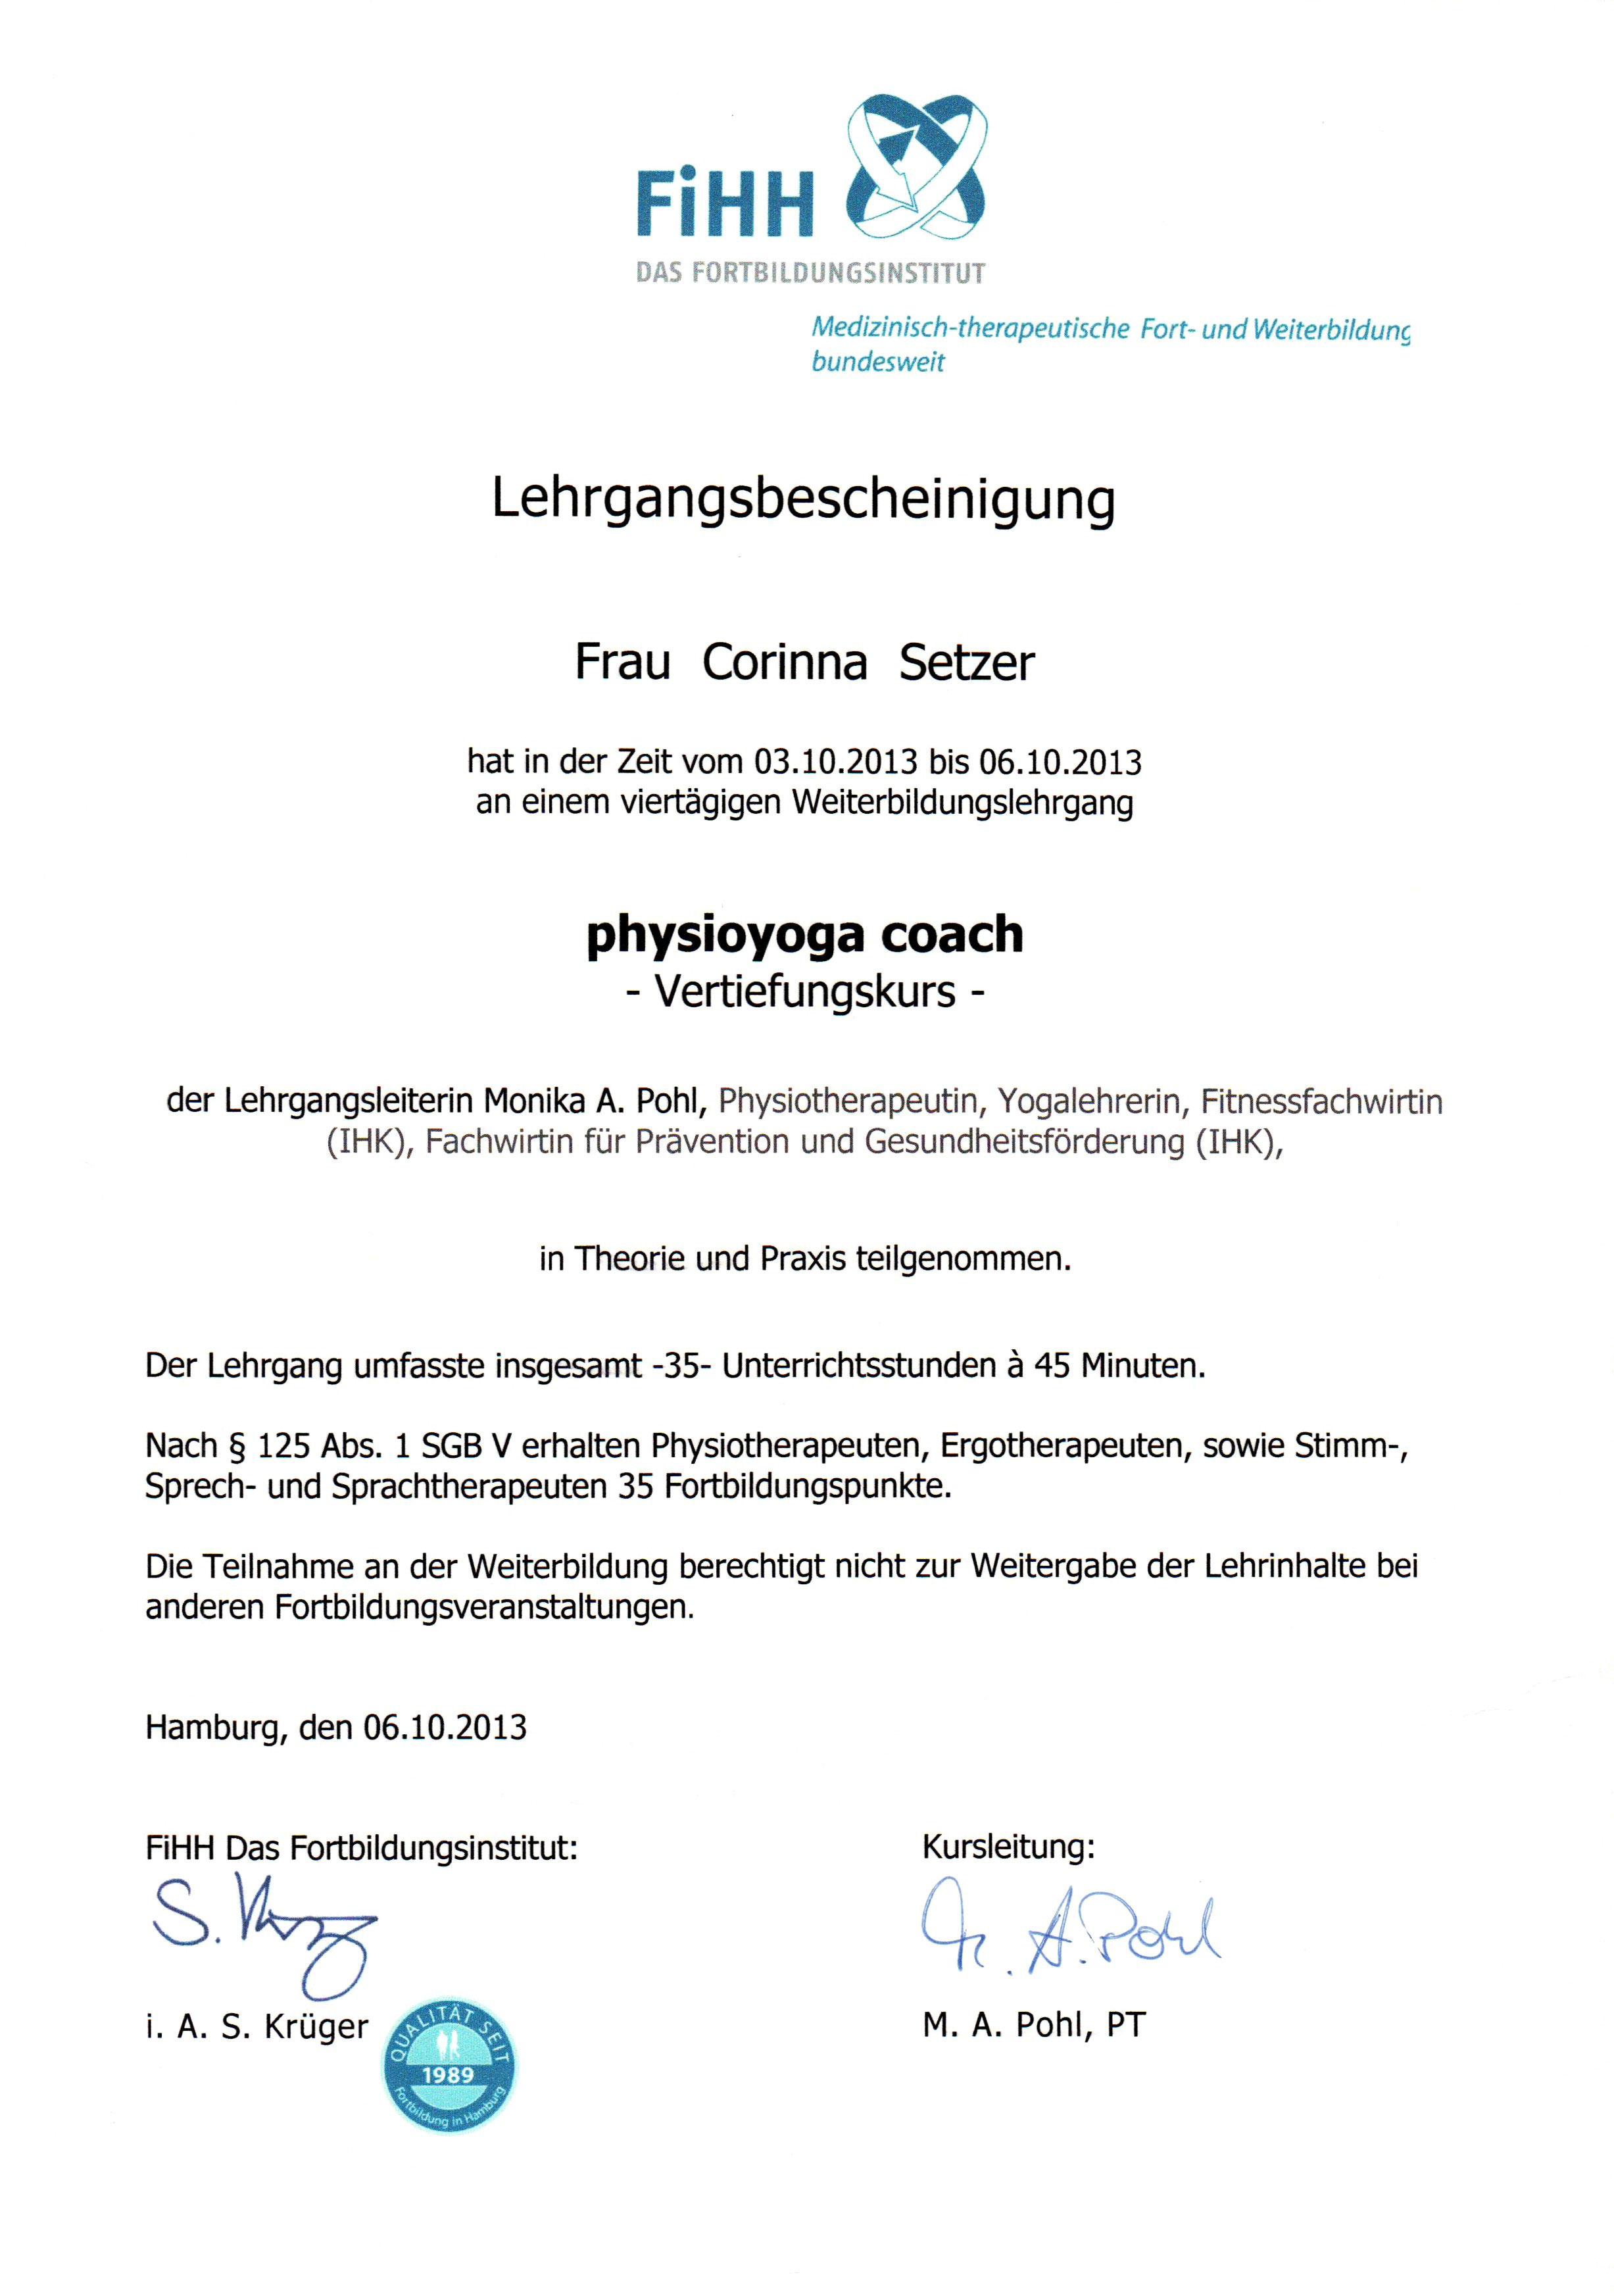 Corinna Setzer, Zertifikate - Corinna Setzer - Osteopathin ...